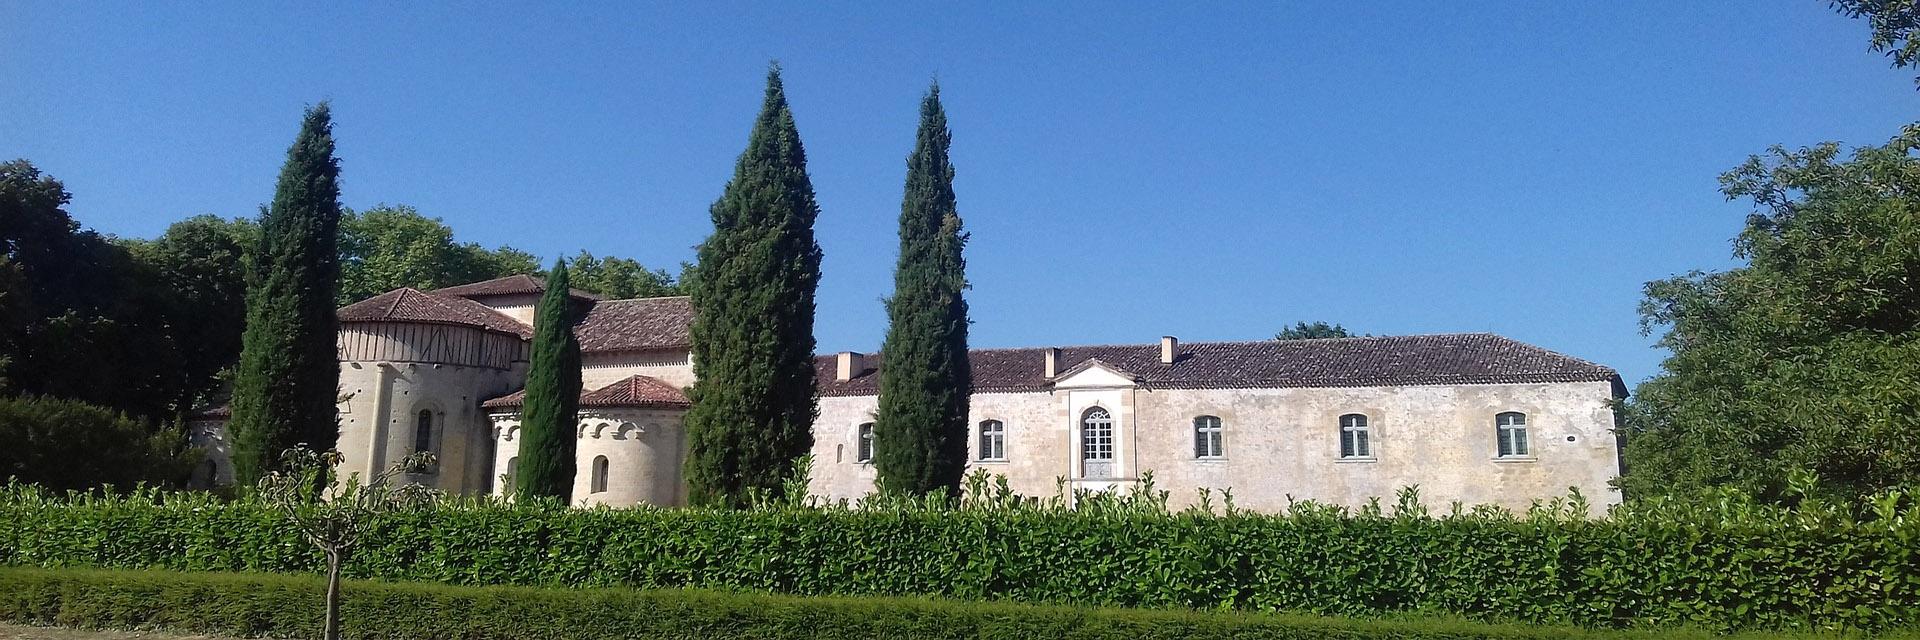 Village_club_vacances_gers-et-aquitaine-le-hameau-des-etoiles-abbaye-de-Flaran